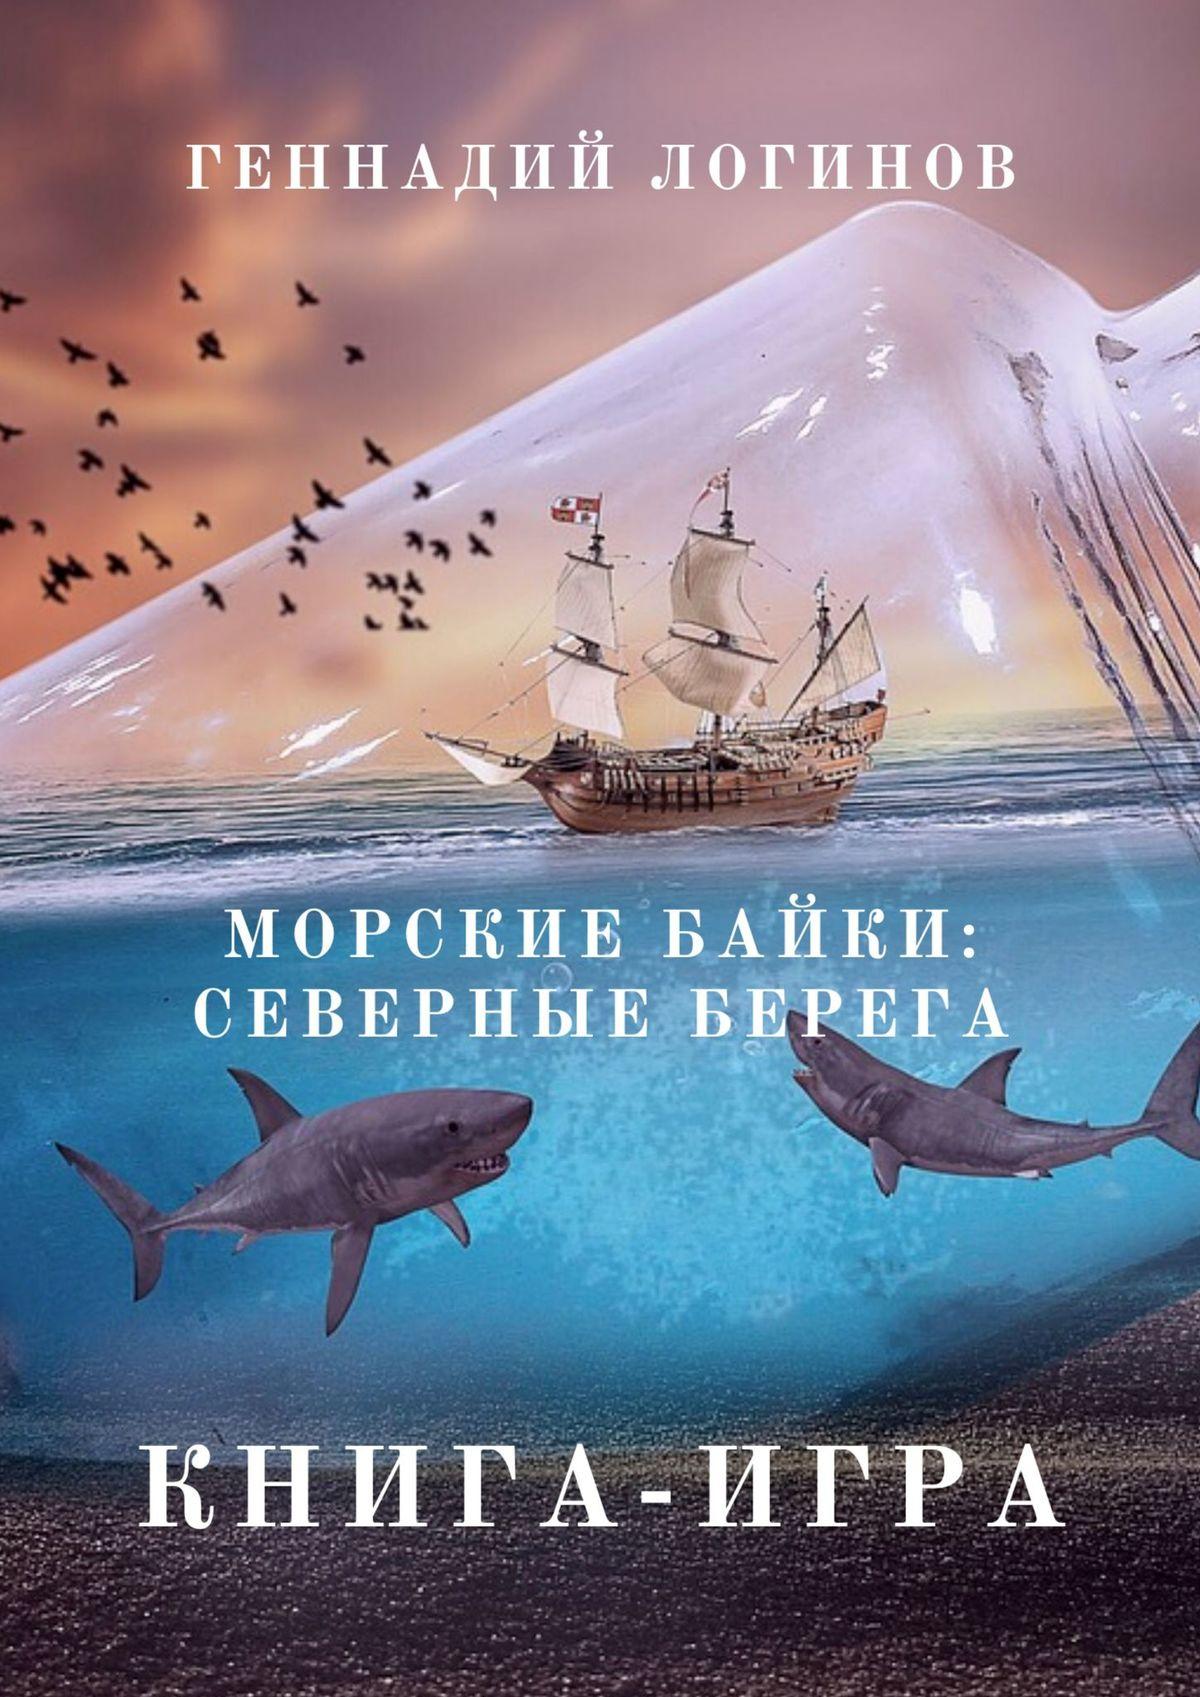 Геннадий Логинов Северные берега. Интерактивный роман